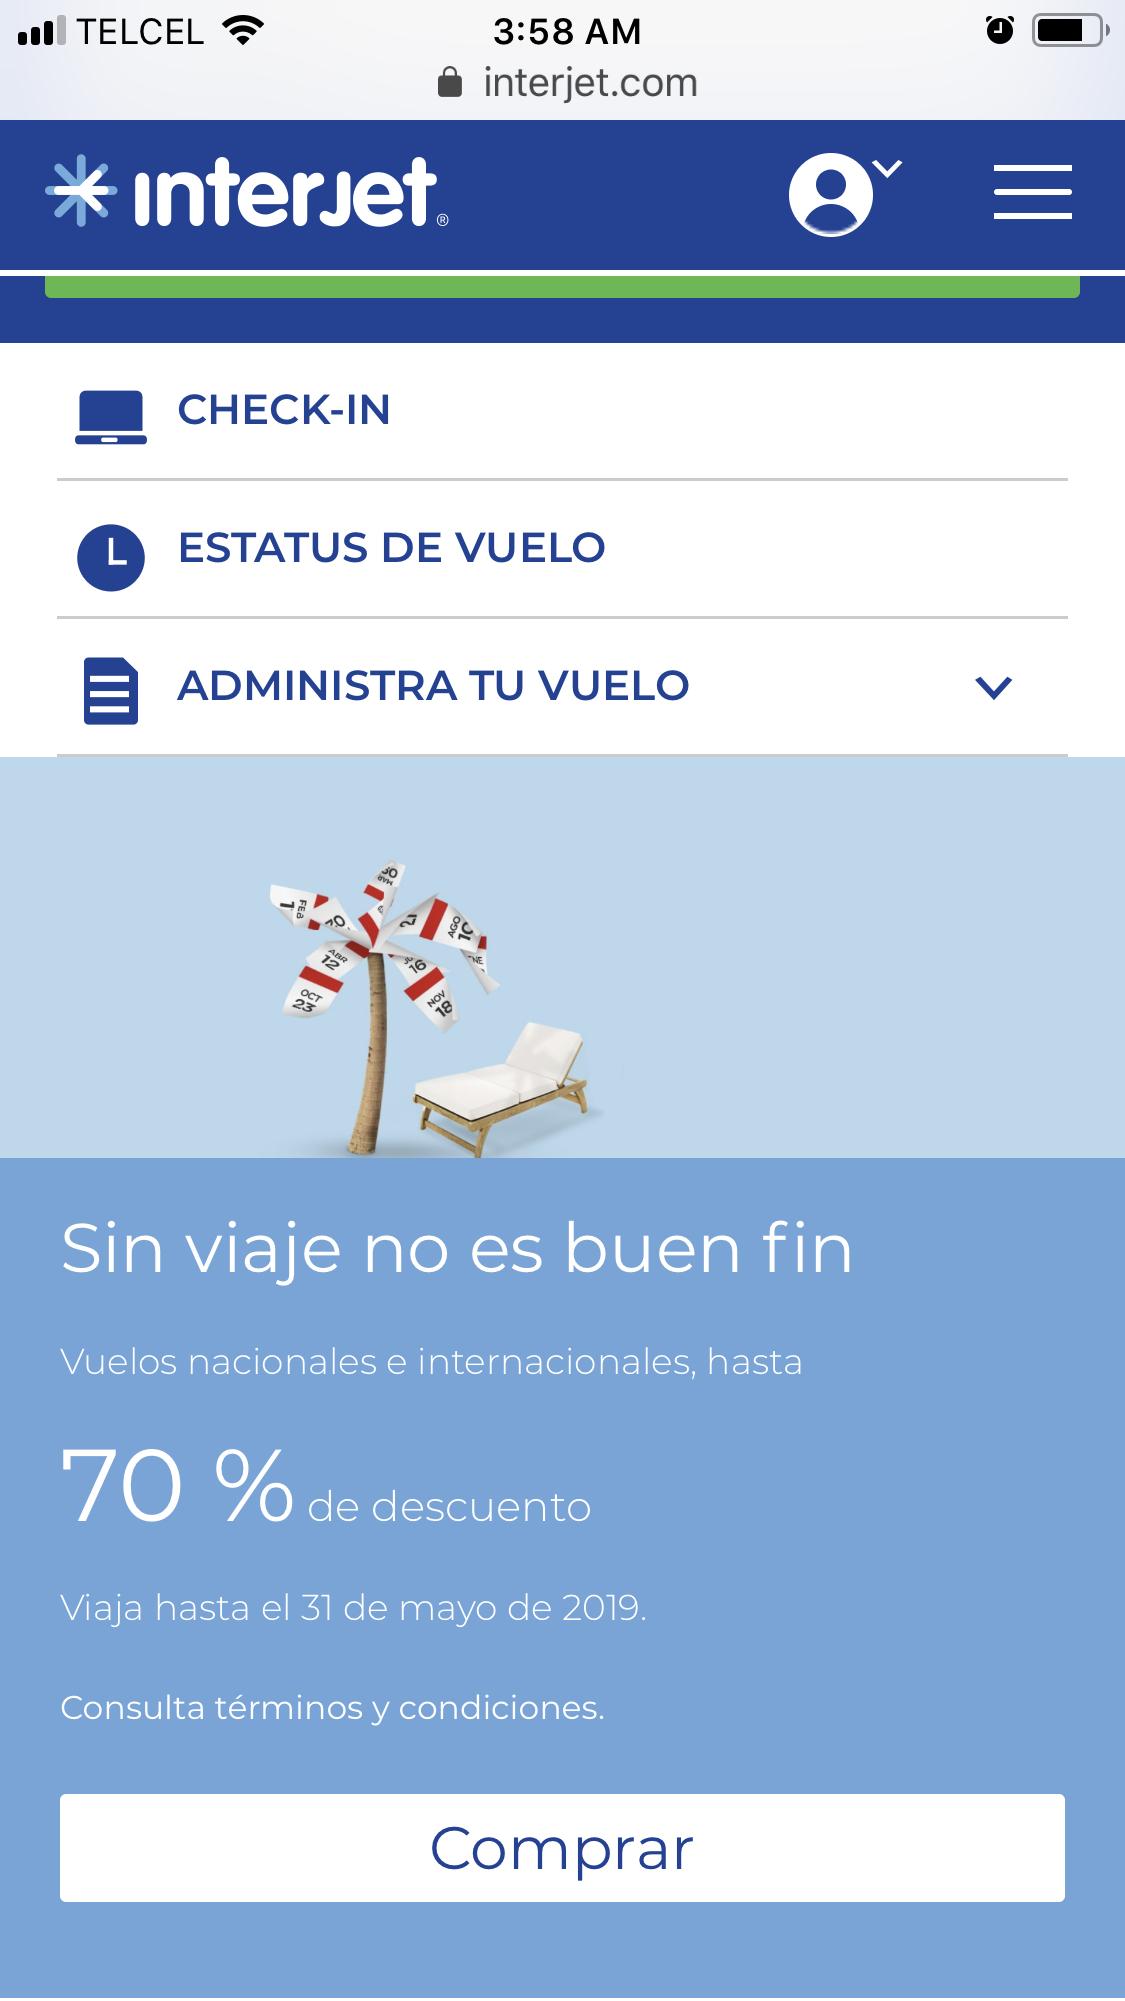 Promociones El Buen Fin 2018 Interjet: Hasta 70% descuento